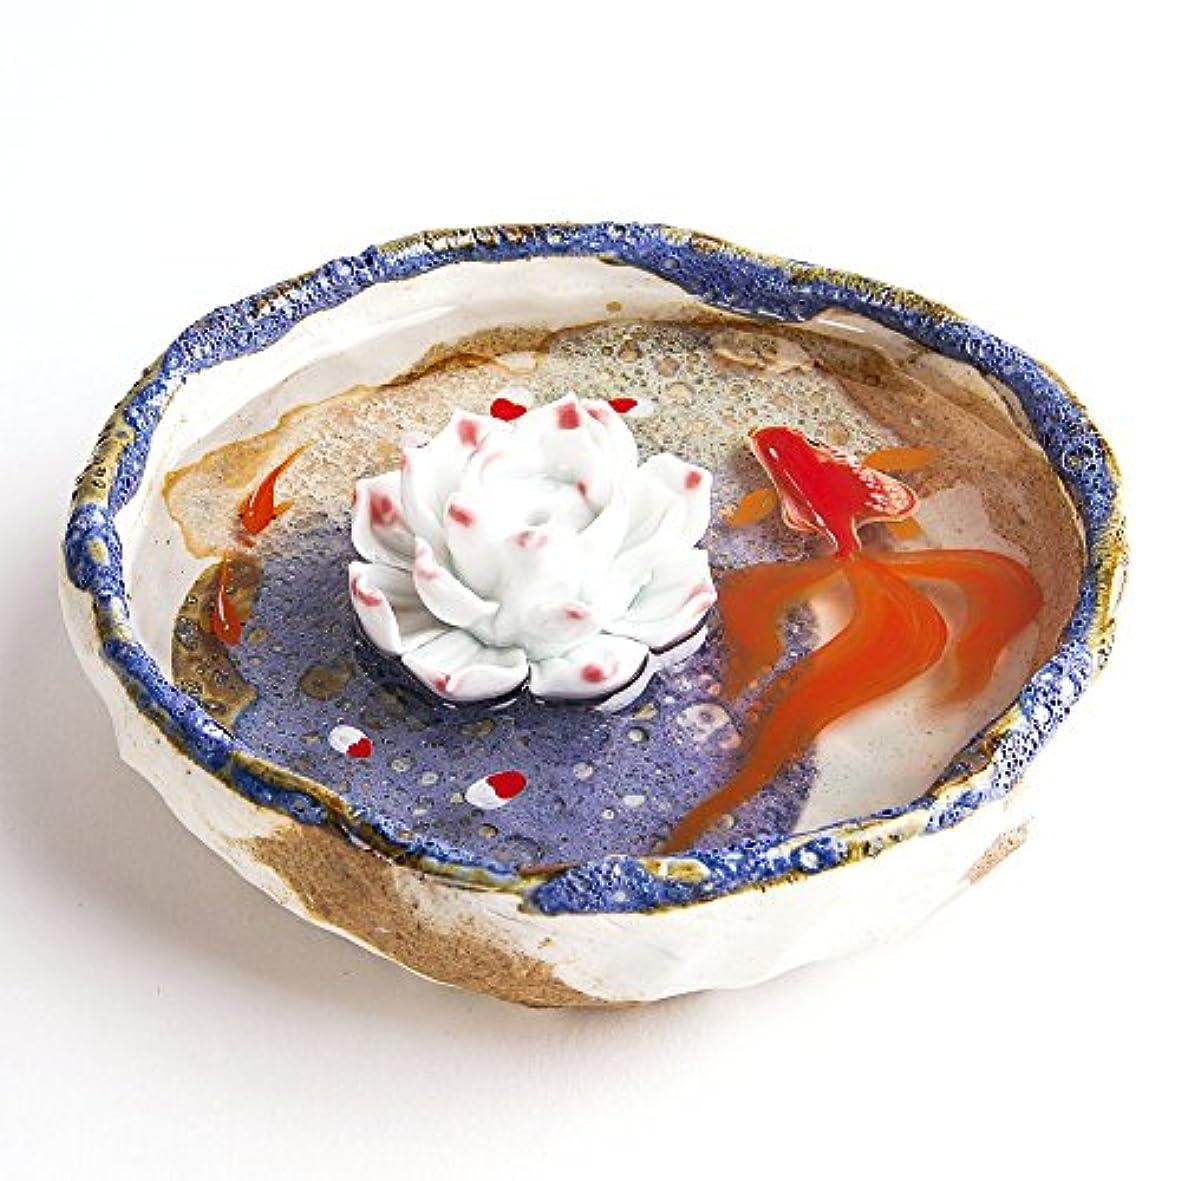 フラスコ構成員道徳のお香立て お香たて 香の器 お香を焚いて 香皿,陶磁器、ブルー